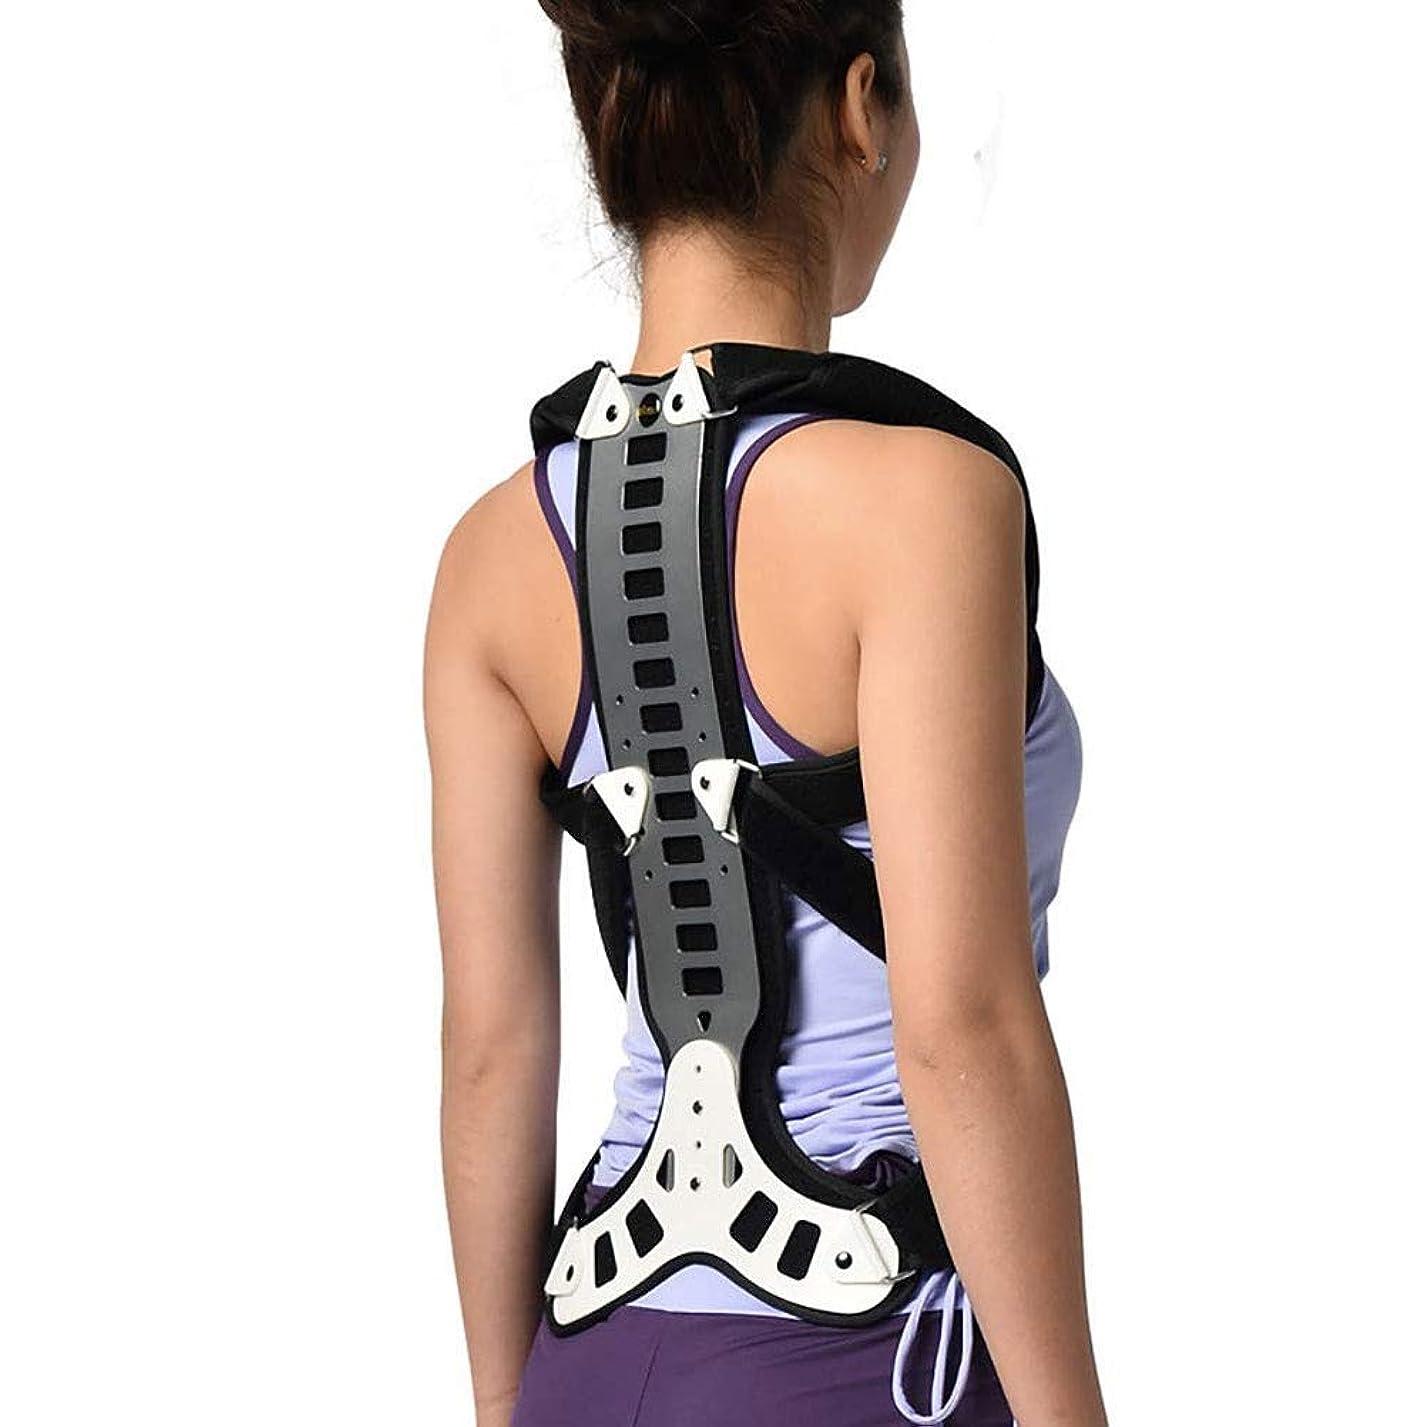 処分した生き残ります教えて子供の大人のための腰椎装具、脊柱側弯症姿勢コレクター過伸展バックブレース調節可能な脊椎補助あるKyphosis姿勢サポート曲げ背骨